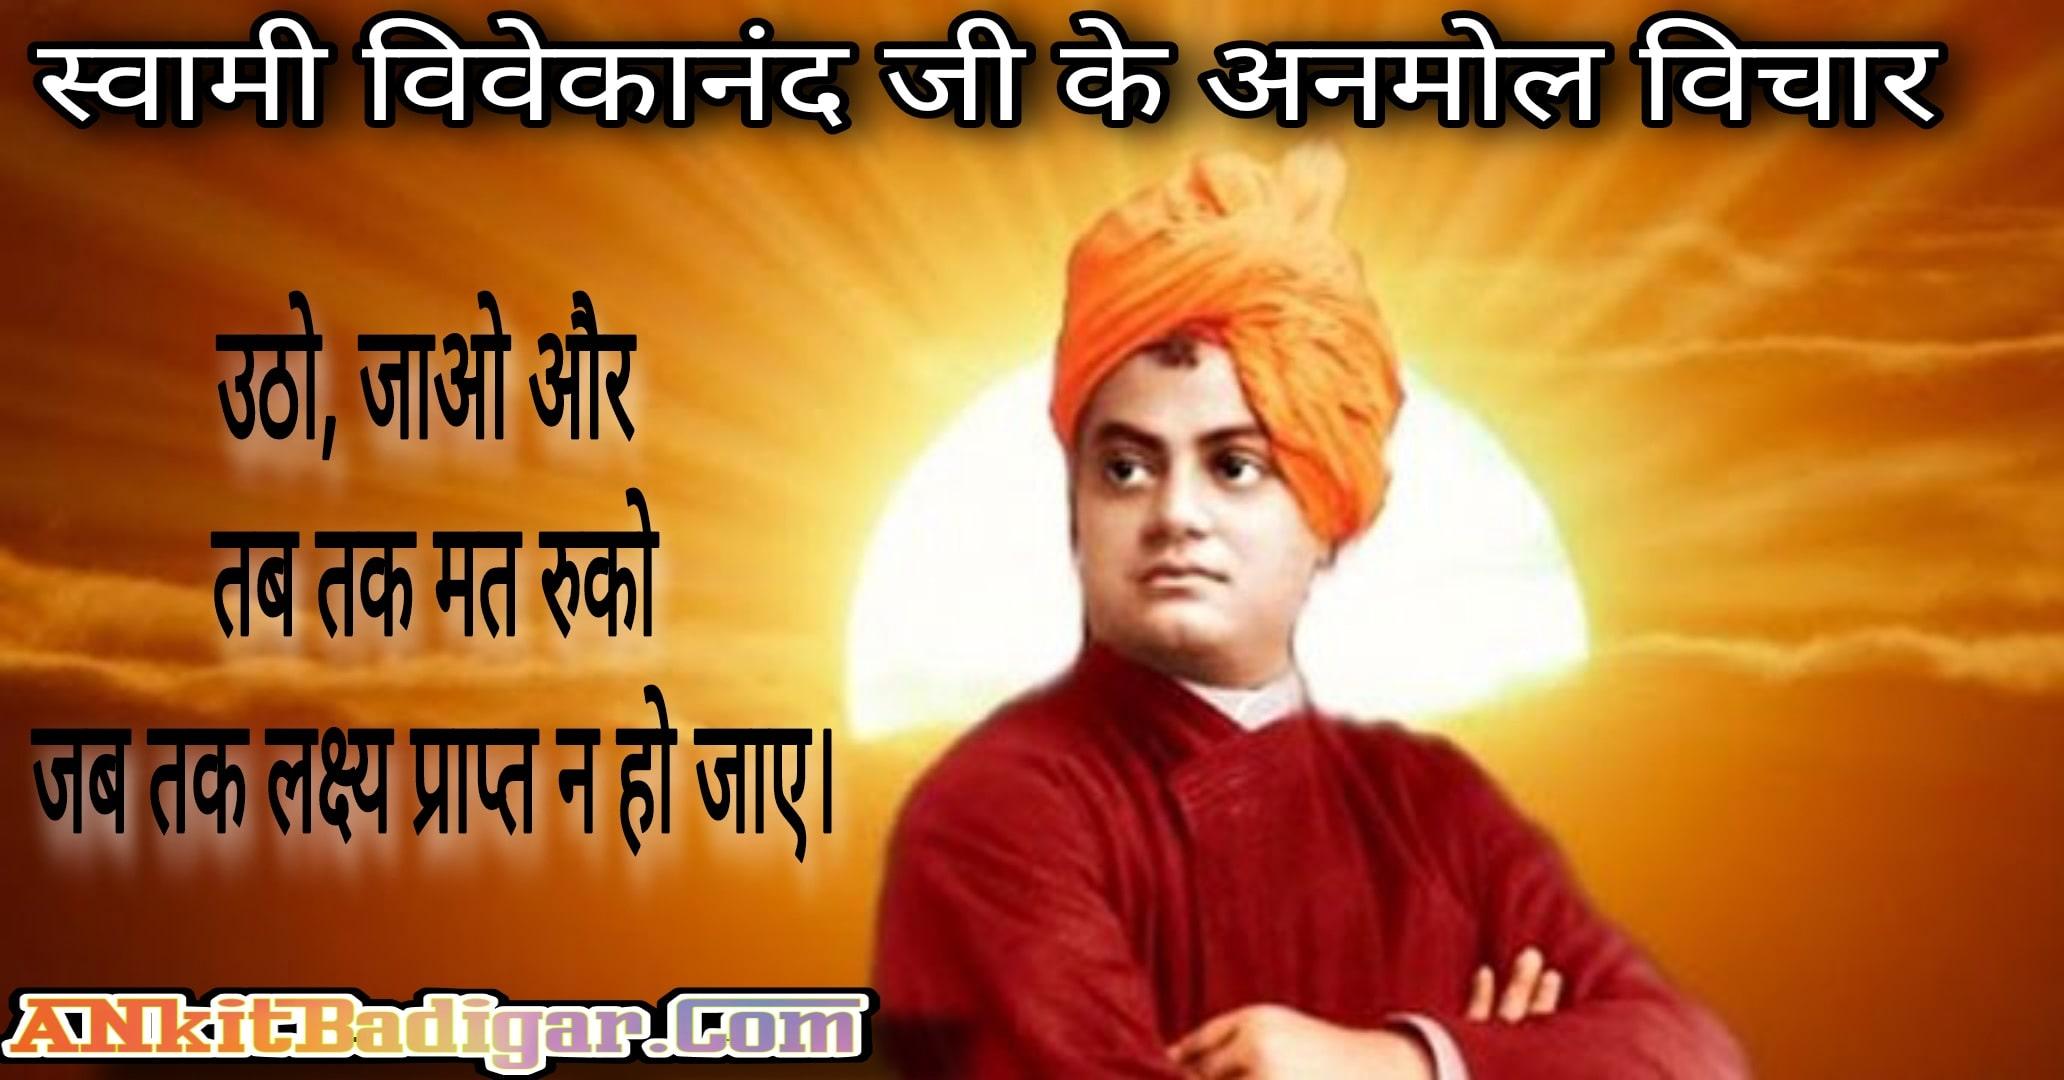 स्वामी विवेकानंद जी के अनमोल विचार Swami Vivekananda Quotes in Hindi